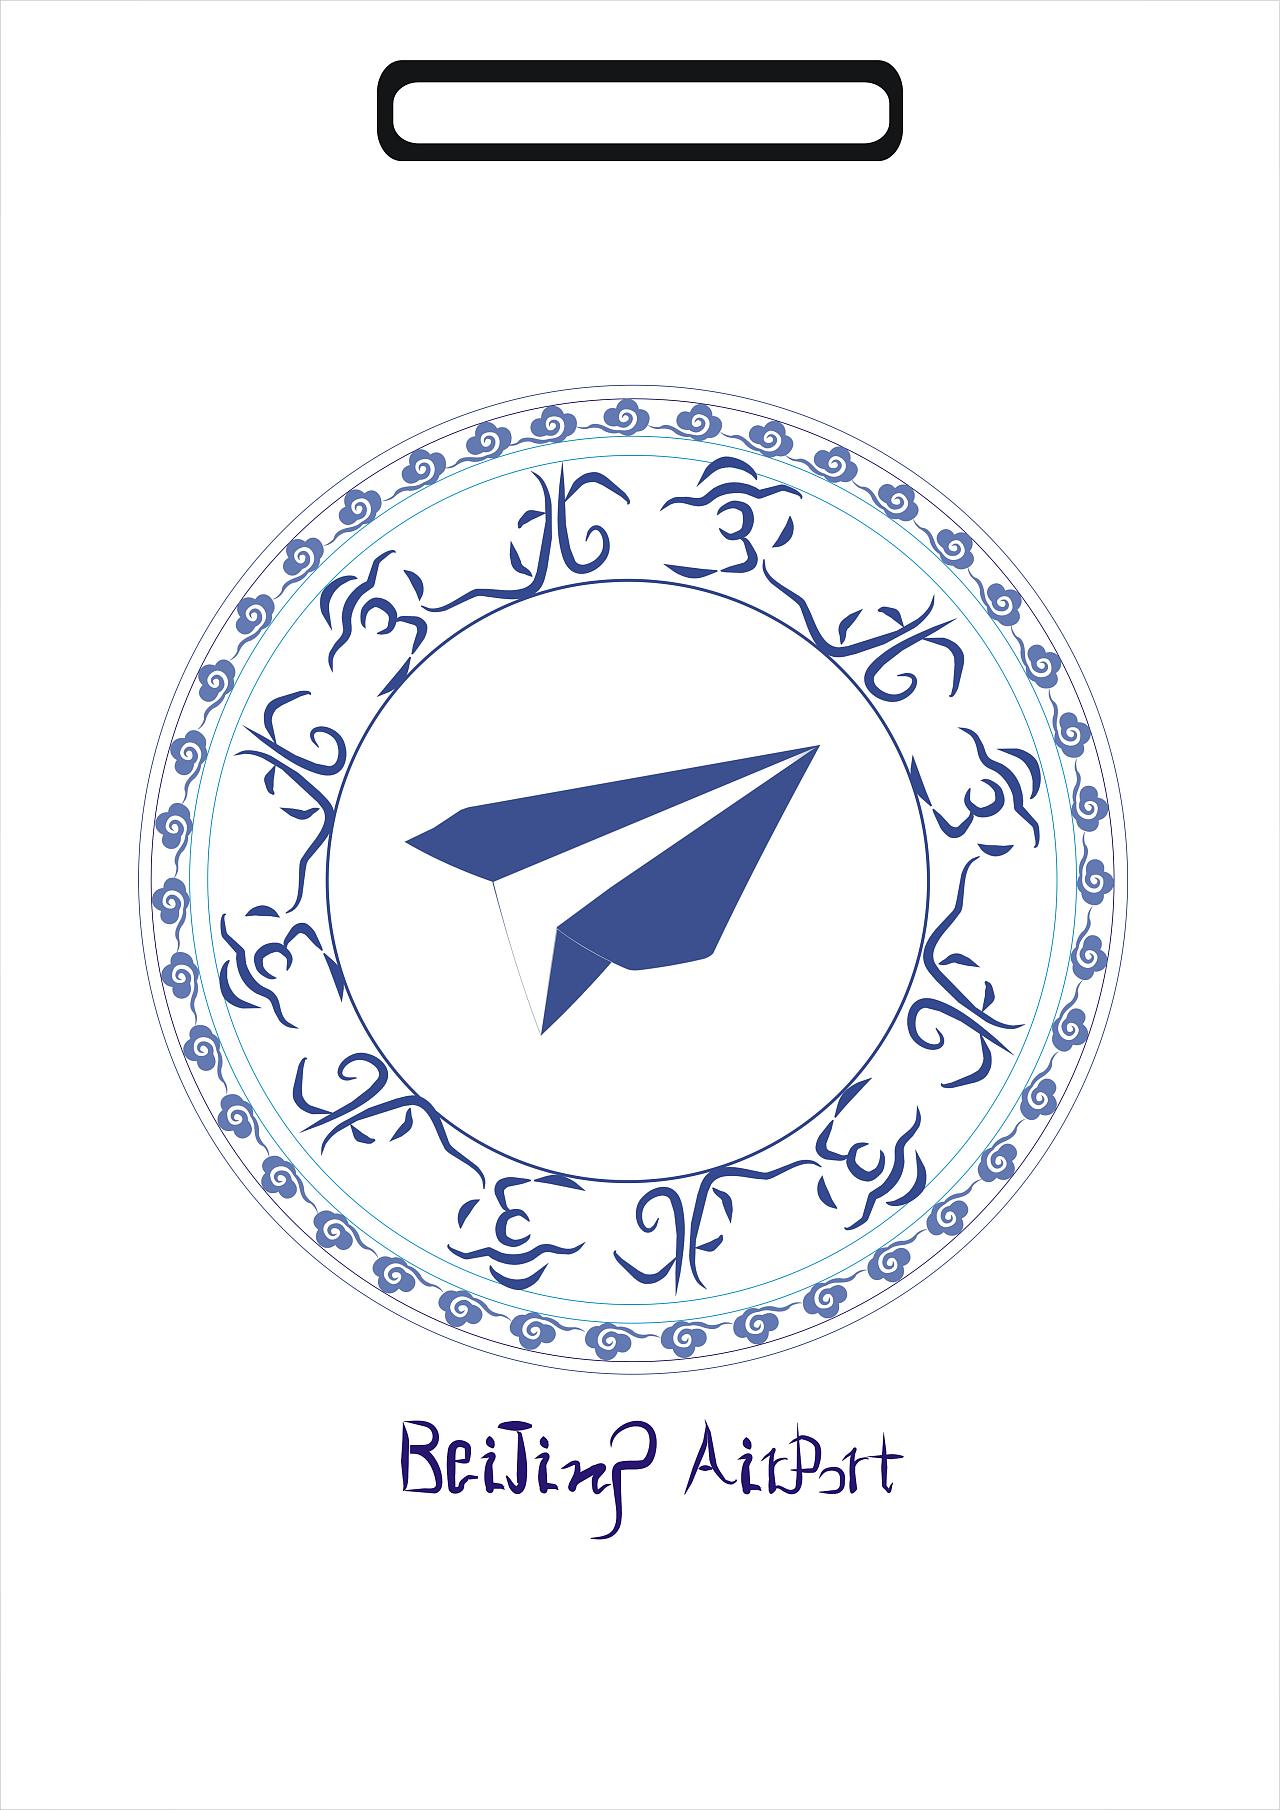 又可把圆形看似地球,纸飞机穿过,寓意北京机场的世界性,全球化.